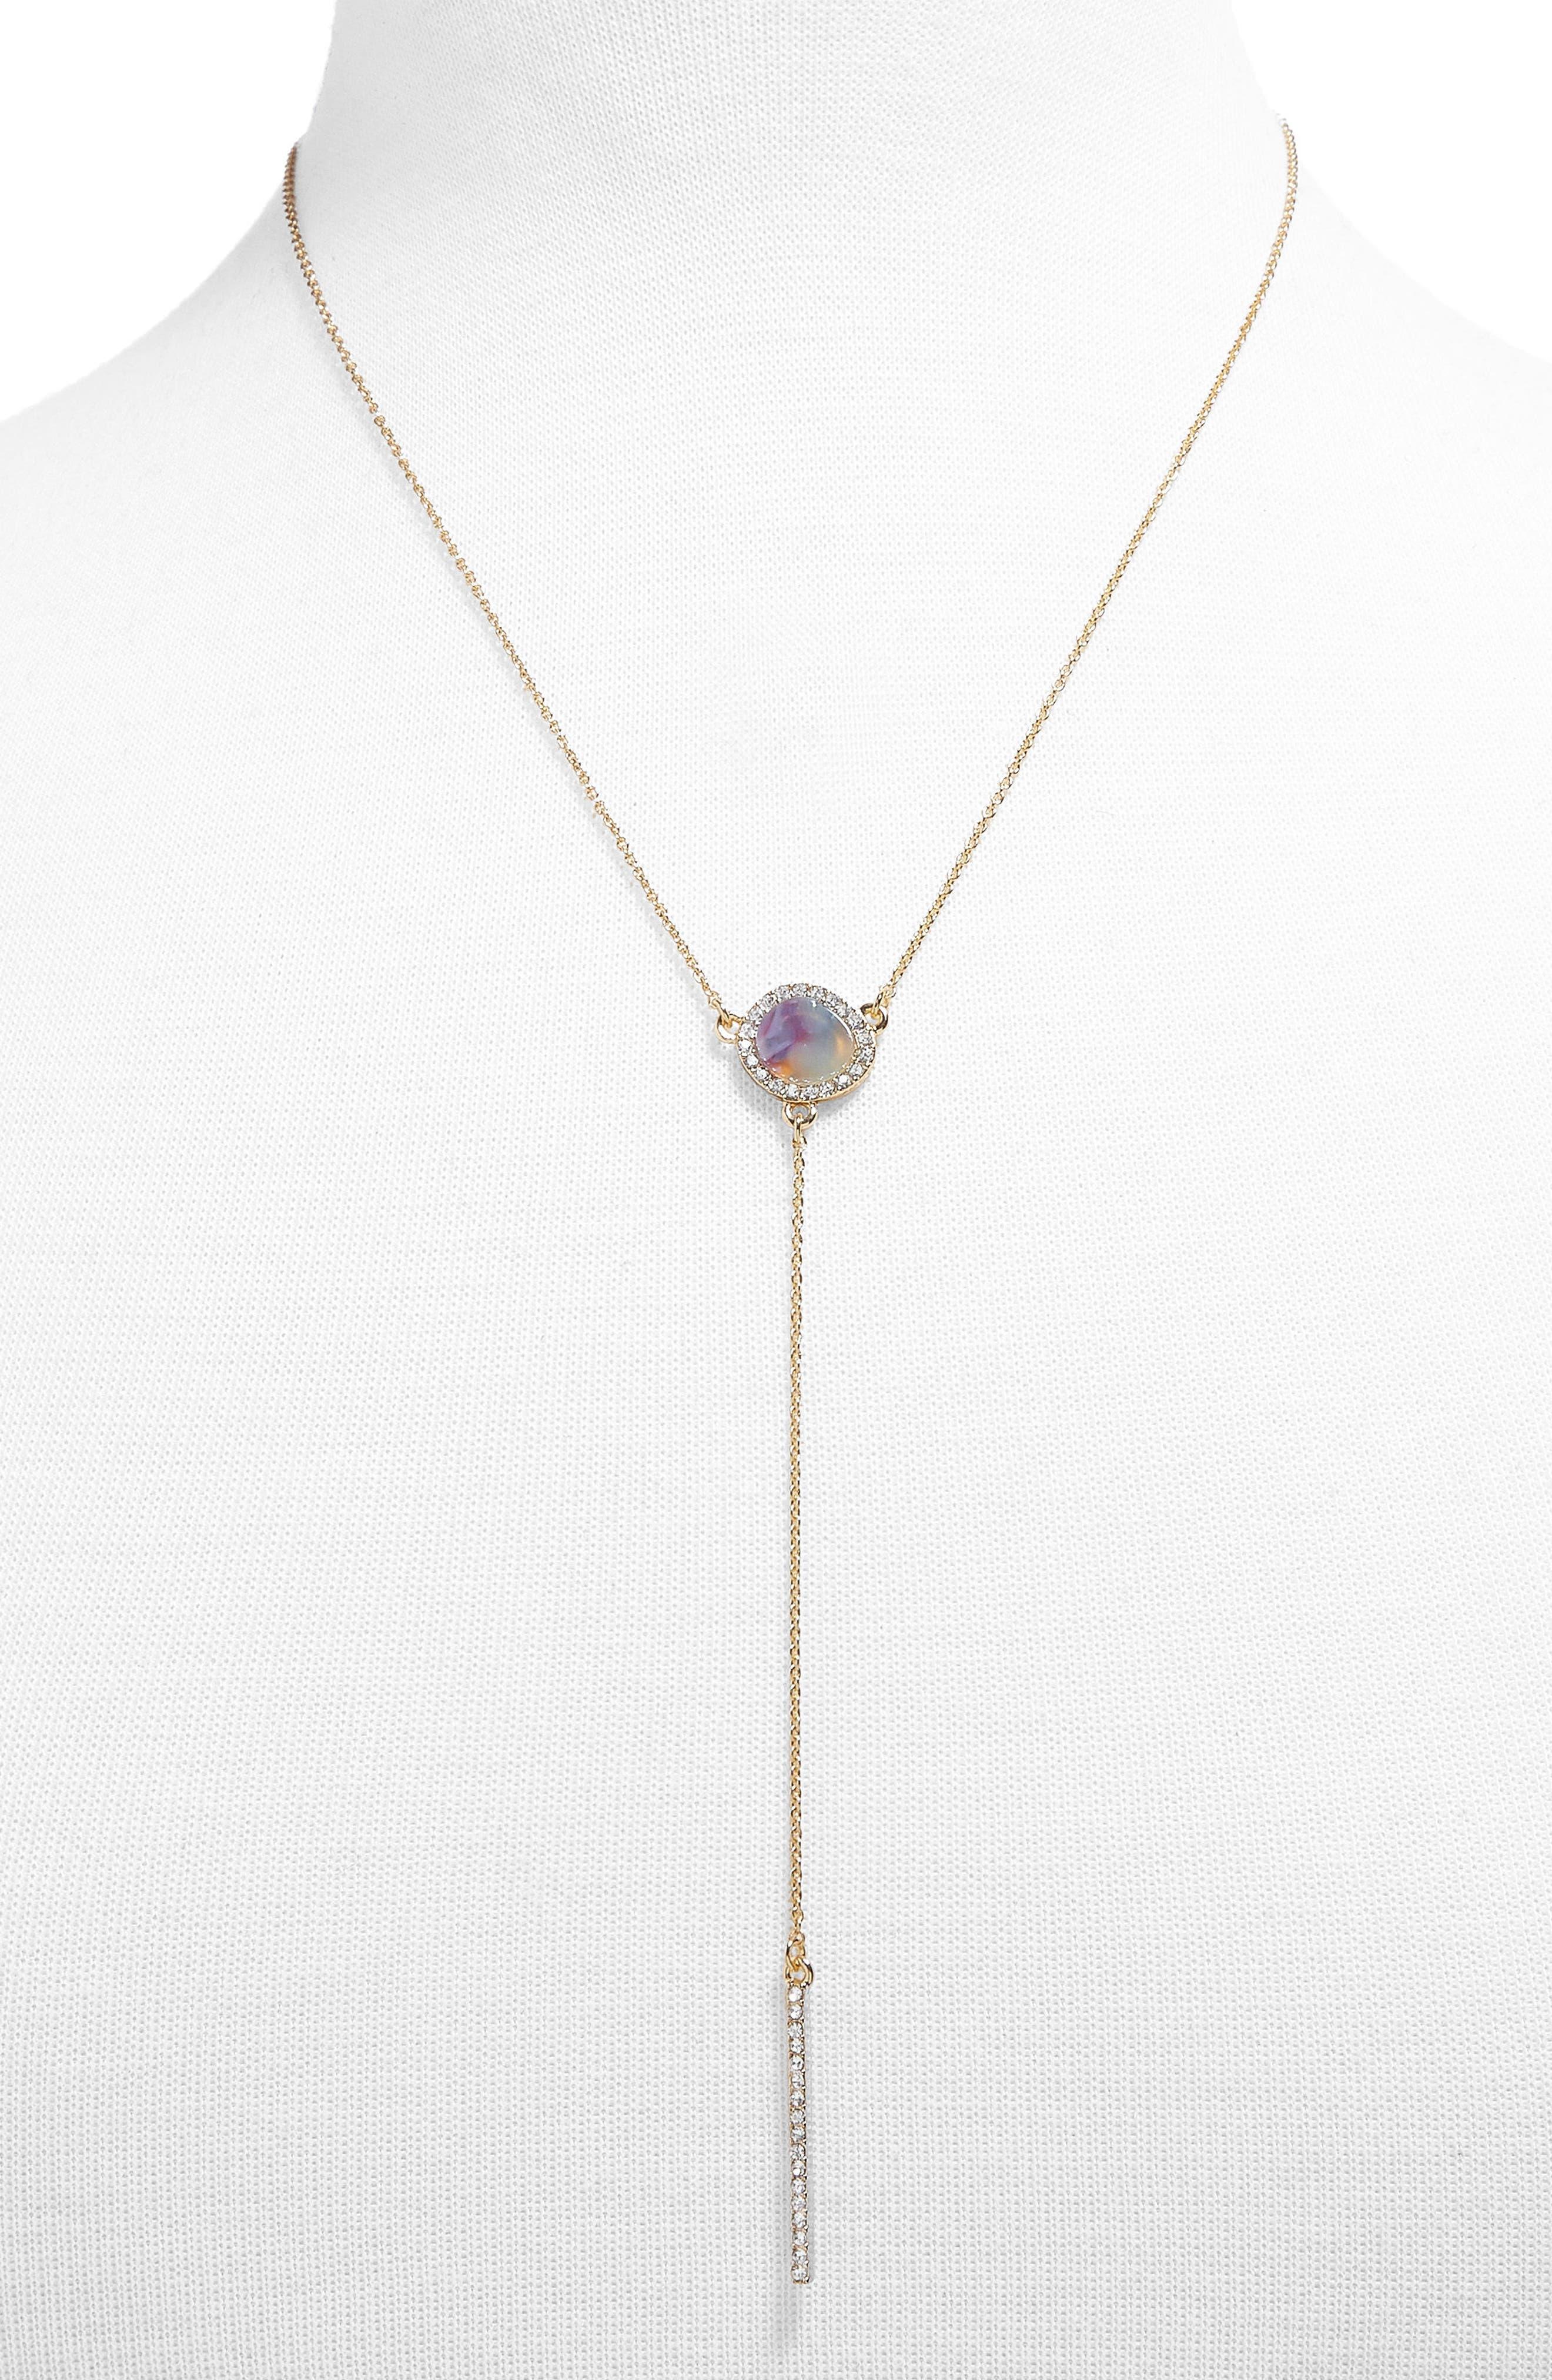 Elsha Chain Y-Necklace,                         Main,                         color, Blush